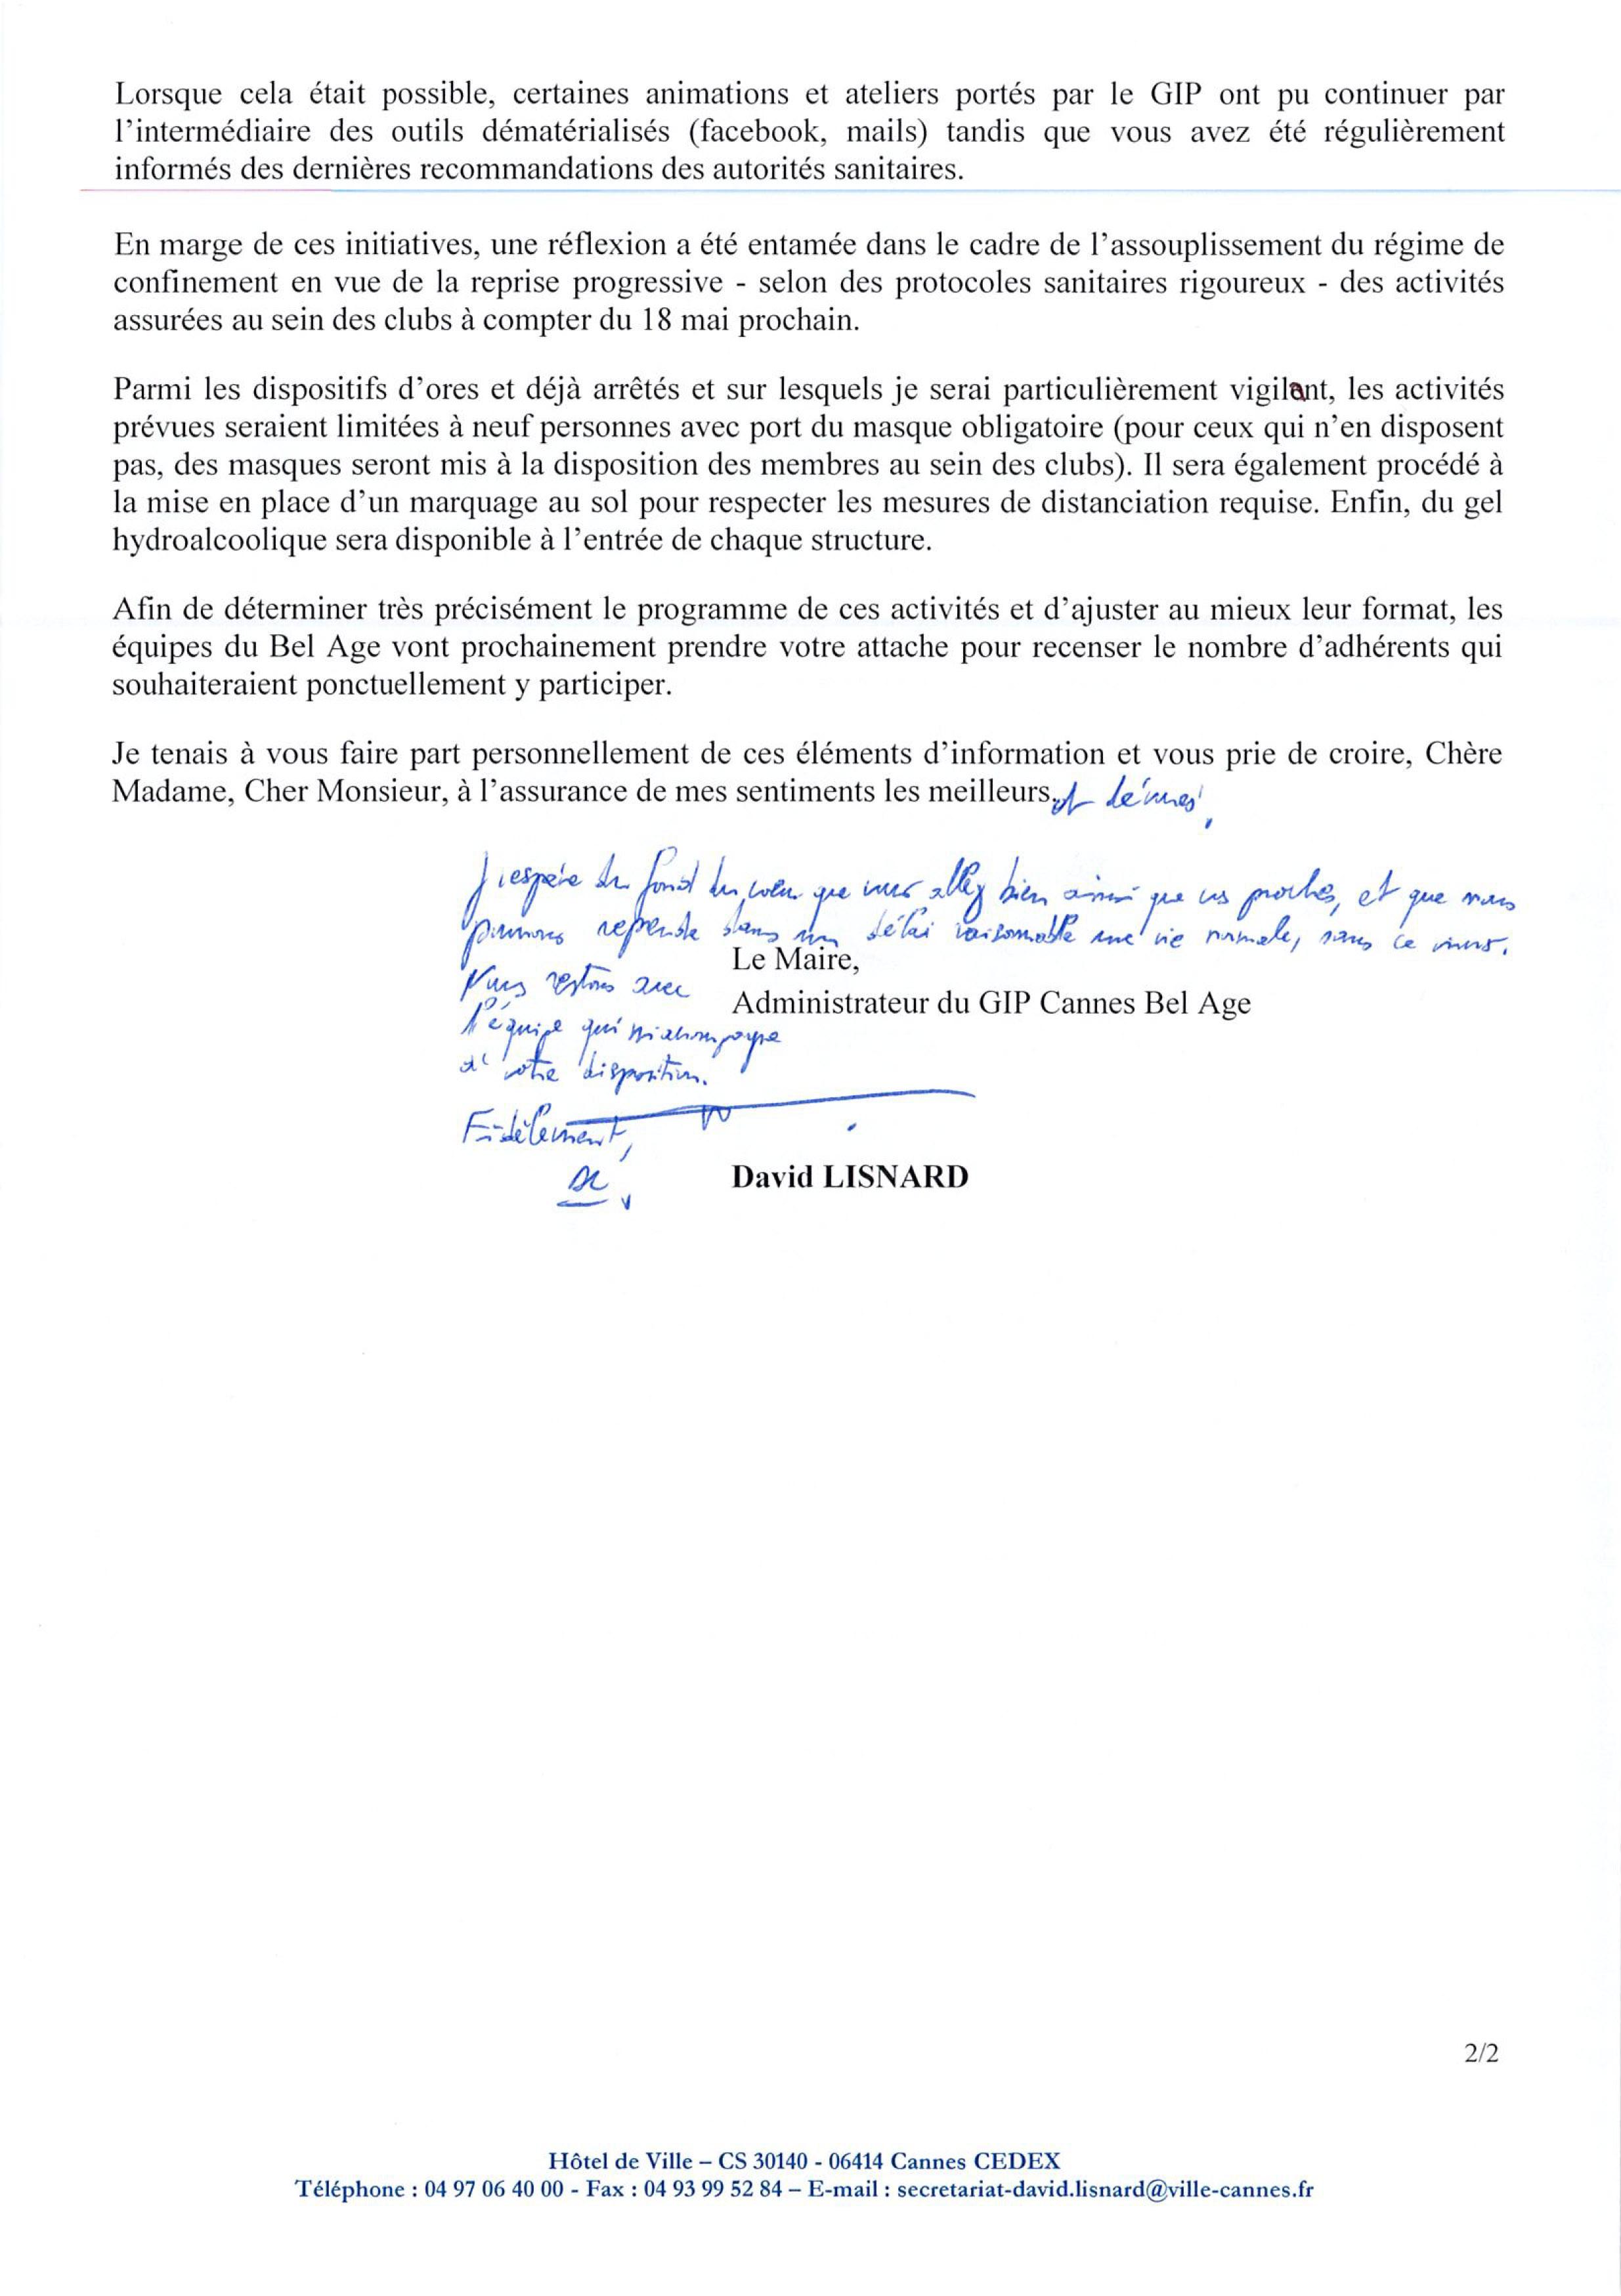 Courrier Maire de Cannes page 2